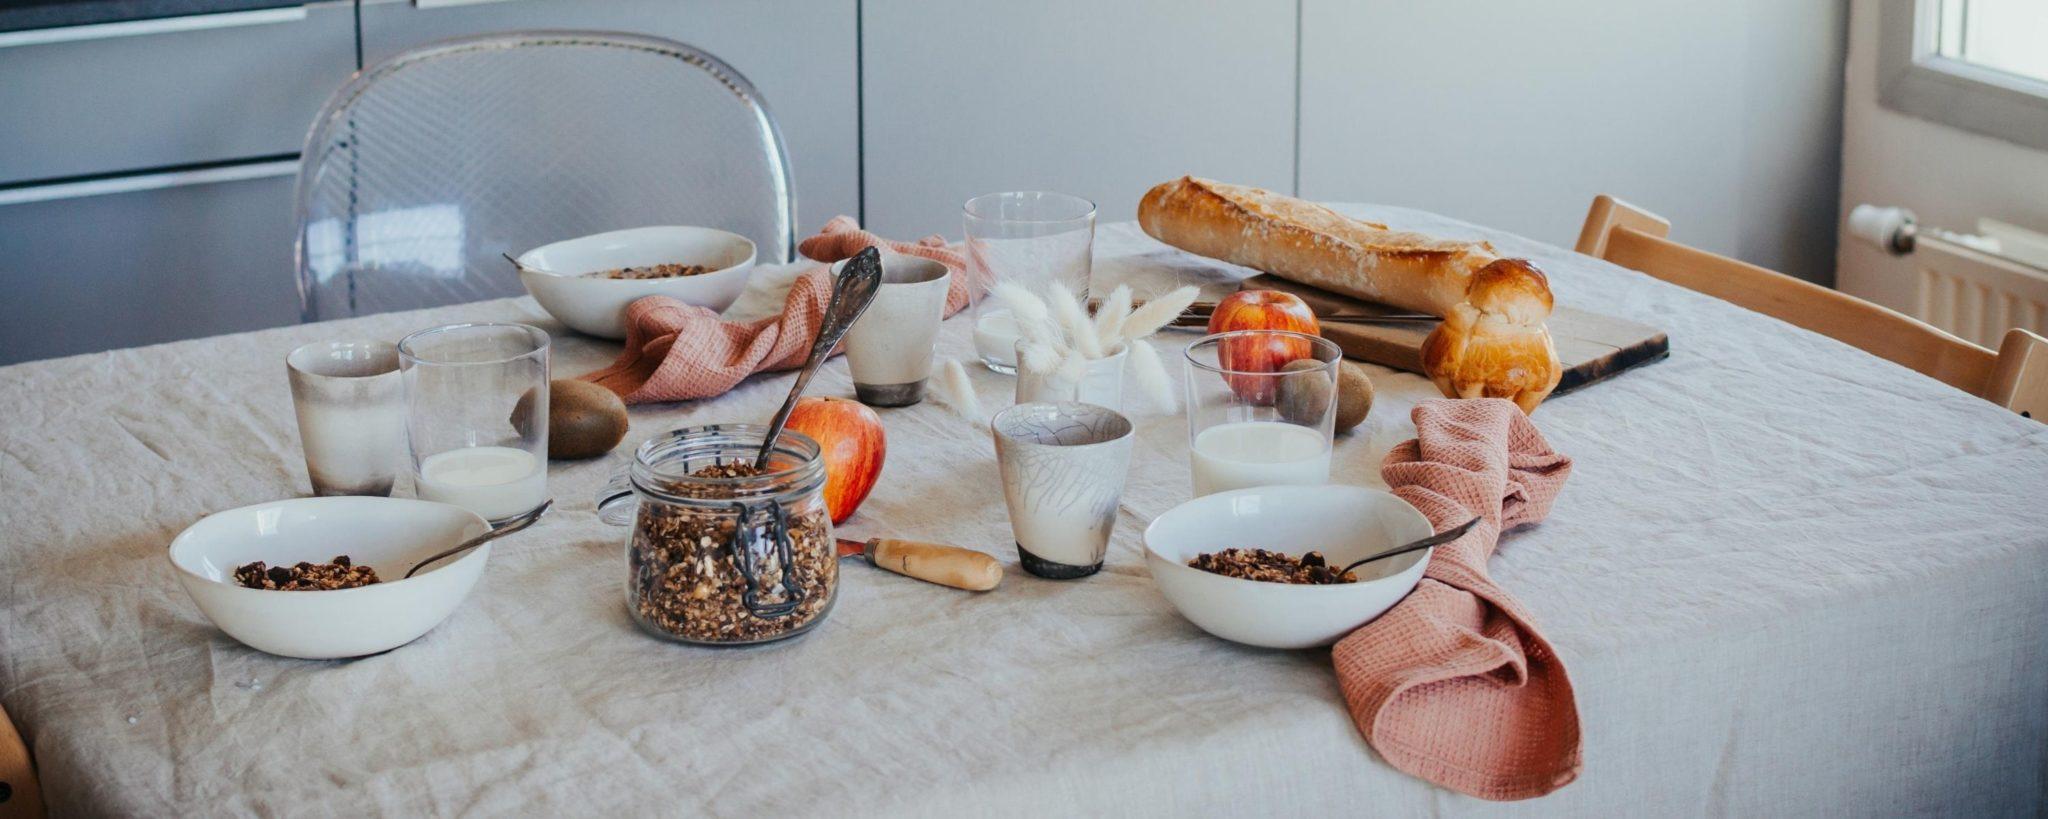 partenariat tangerine zest blog de cuisine